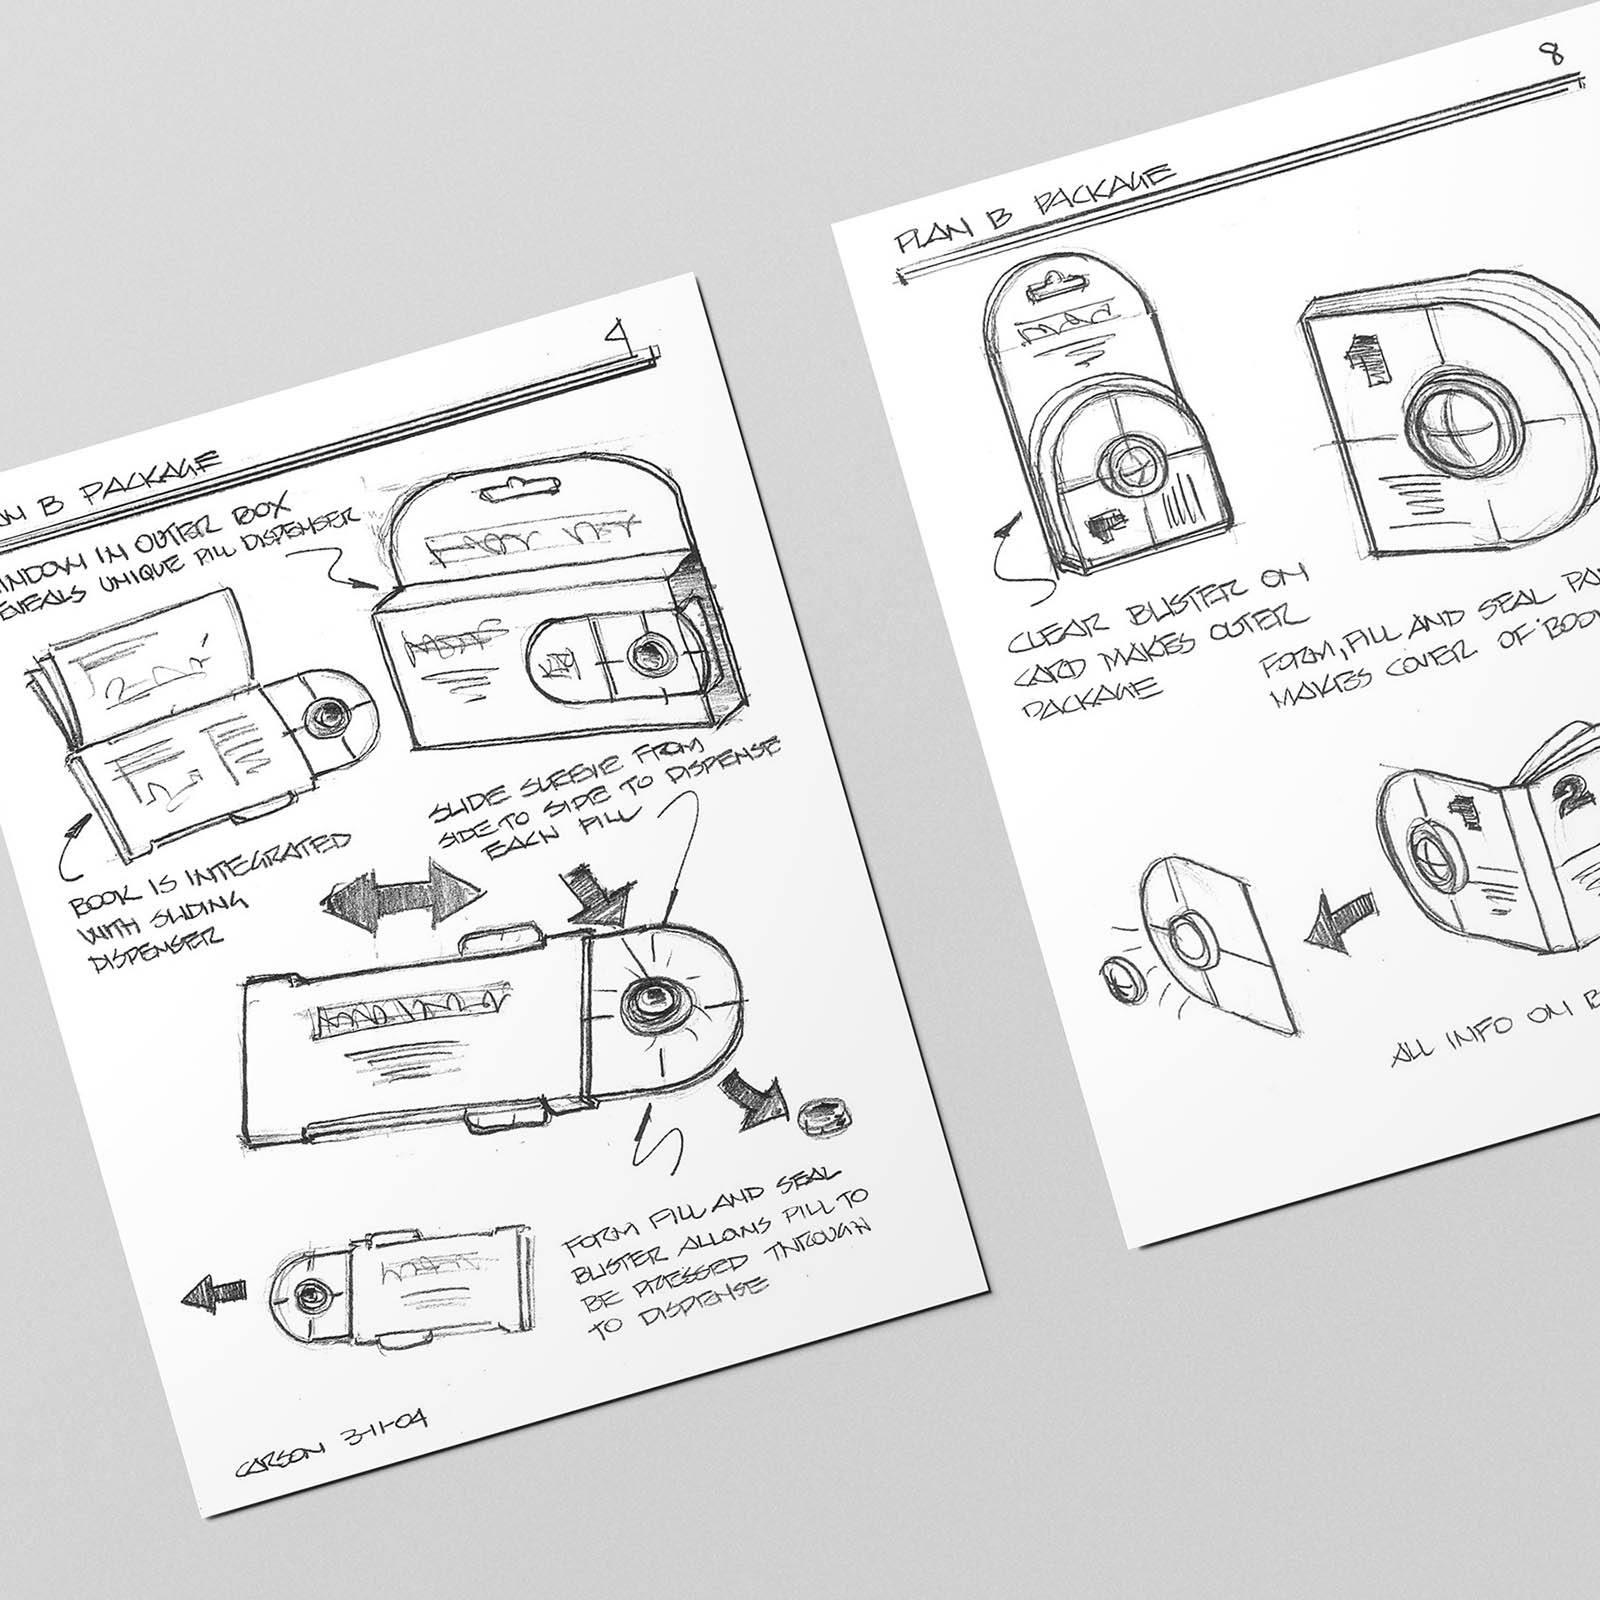 Plan B Package Drawings